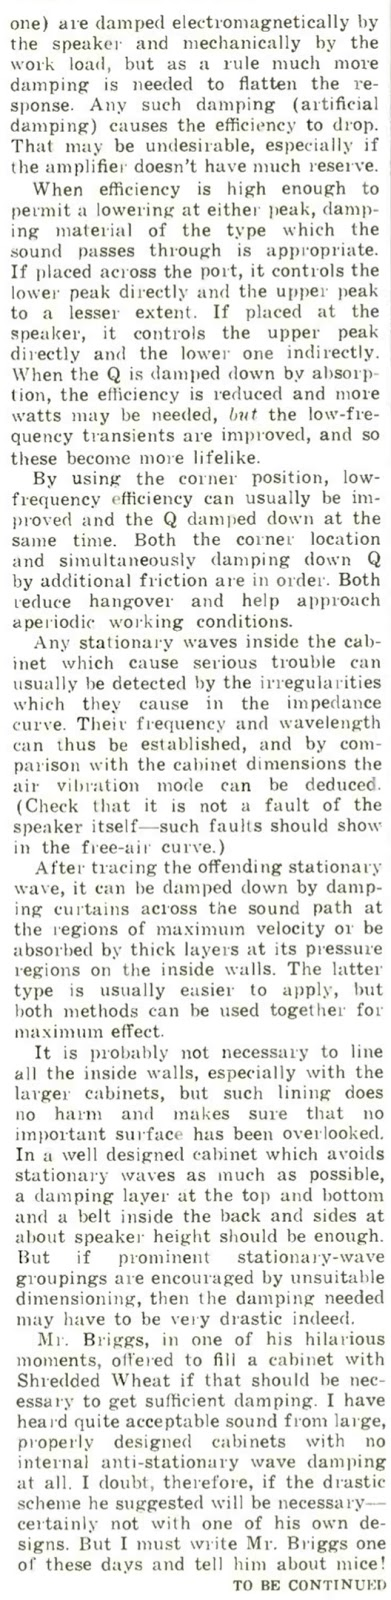 All About the Reflex Enclosure - Part 7 - P.G.A.H. Voigt